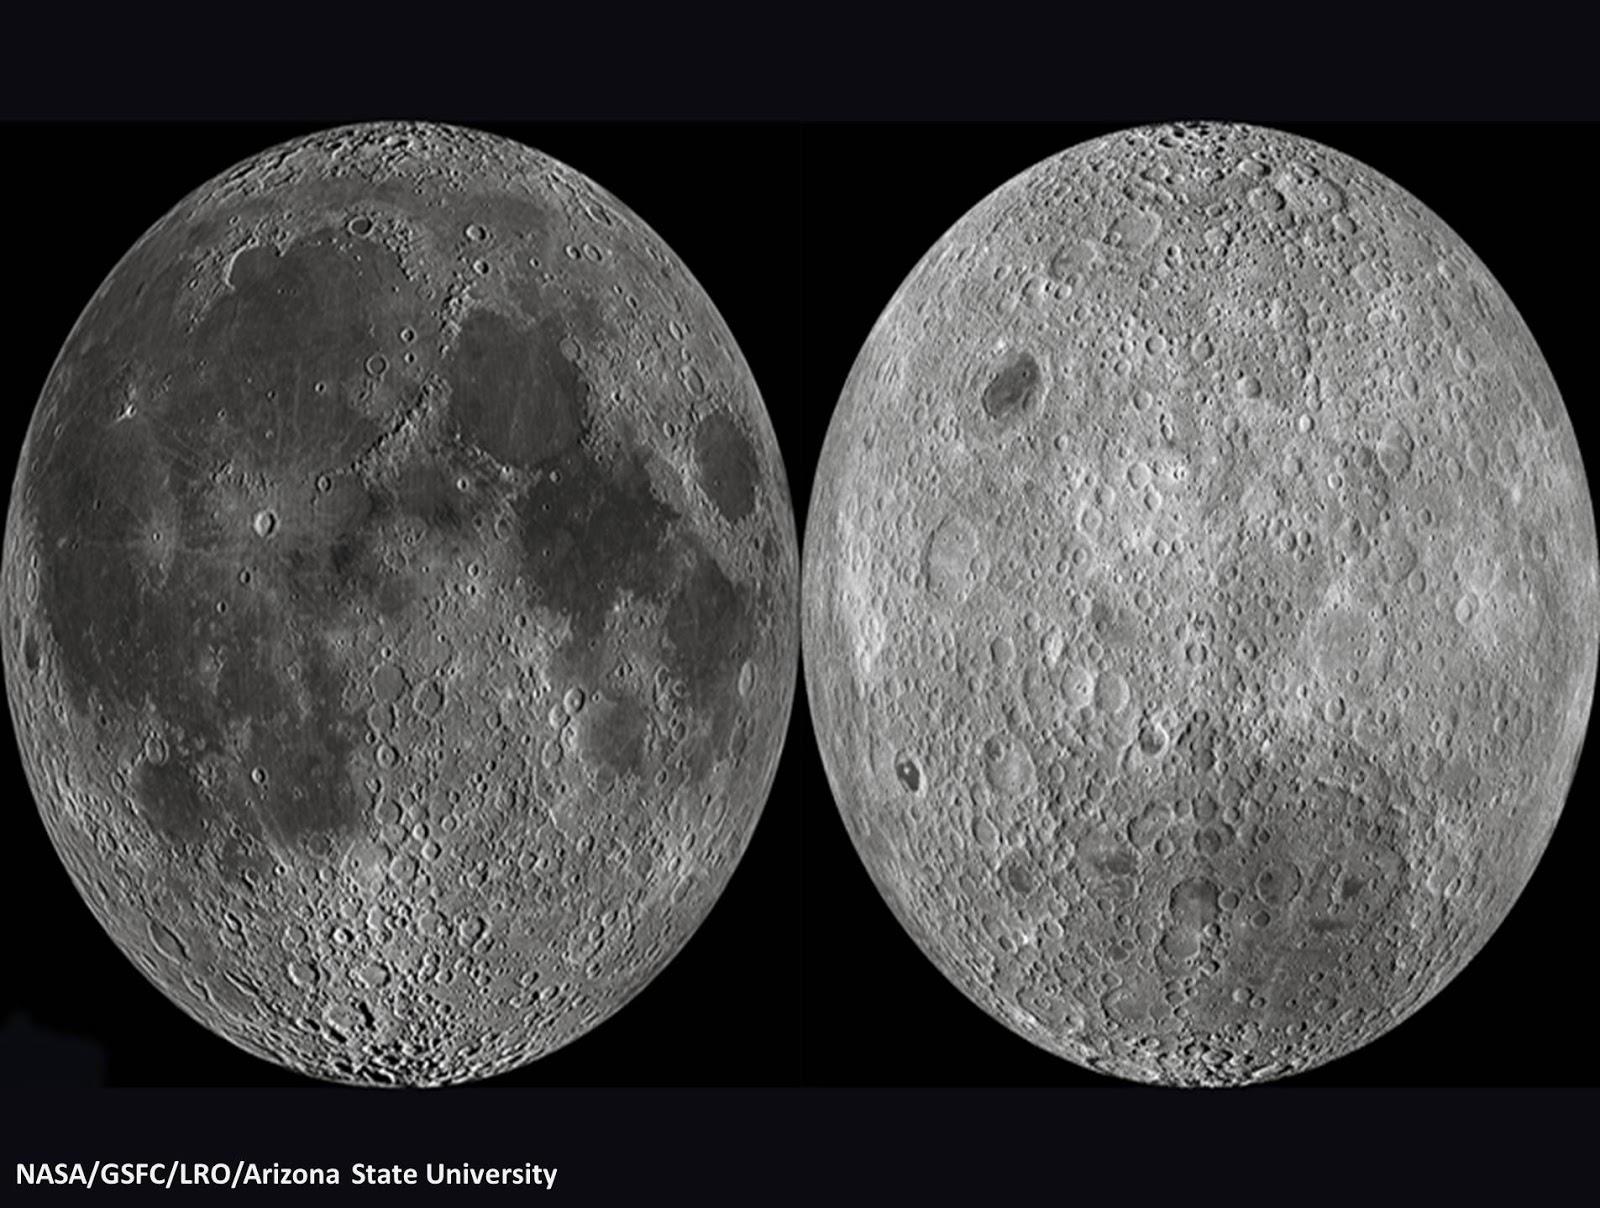 لماذا لا نرى الوجه الآخر للقمر ؟